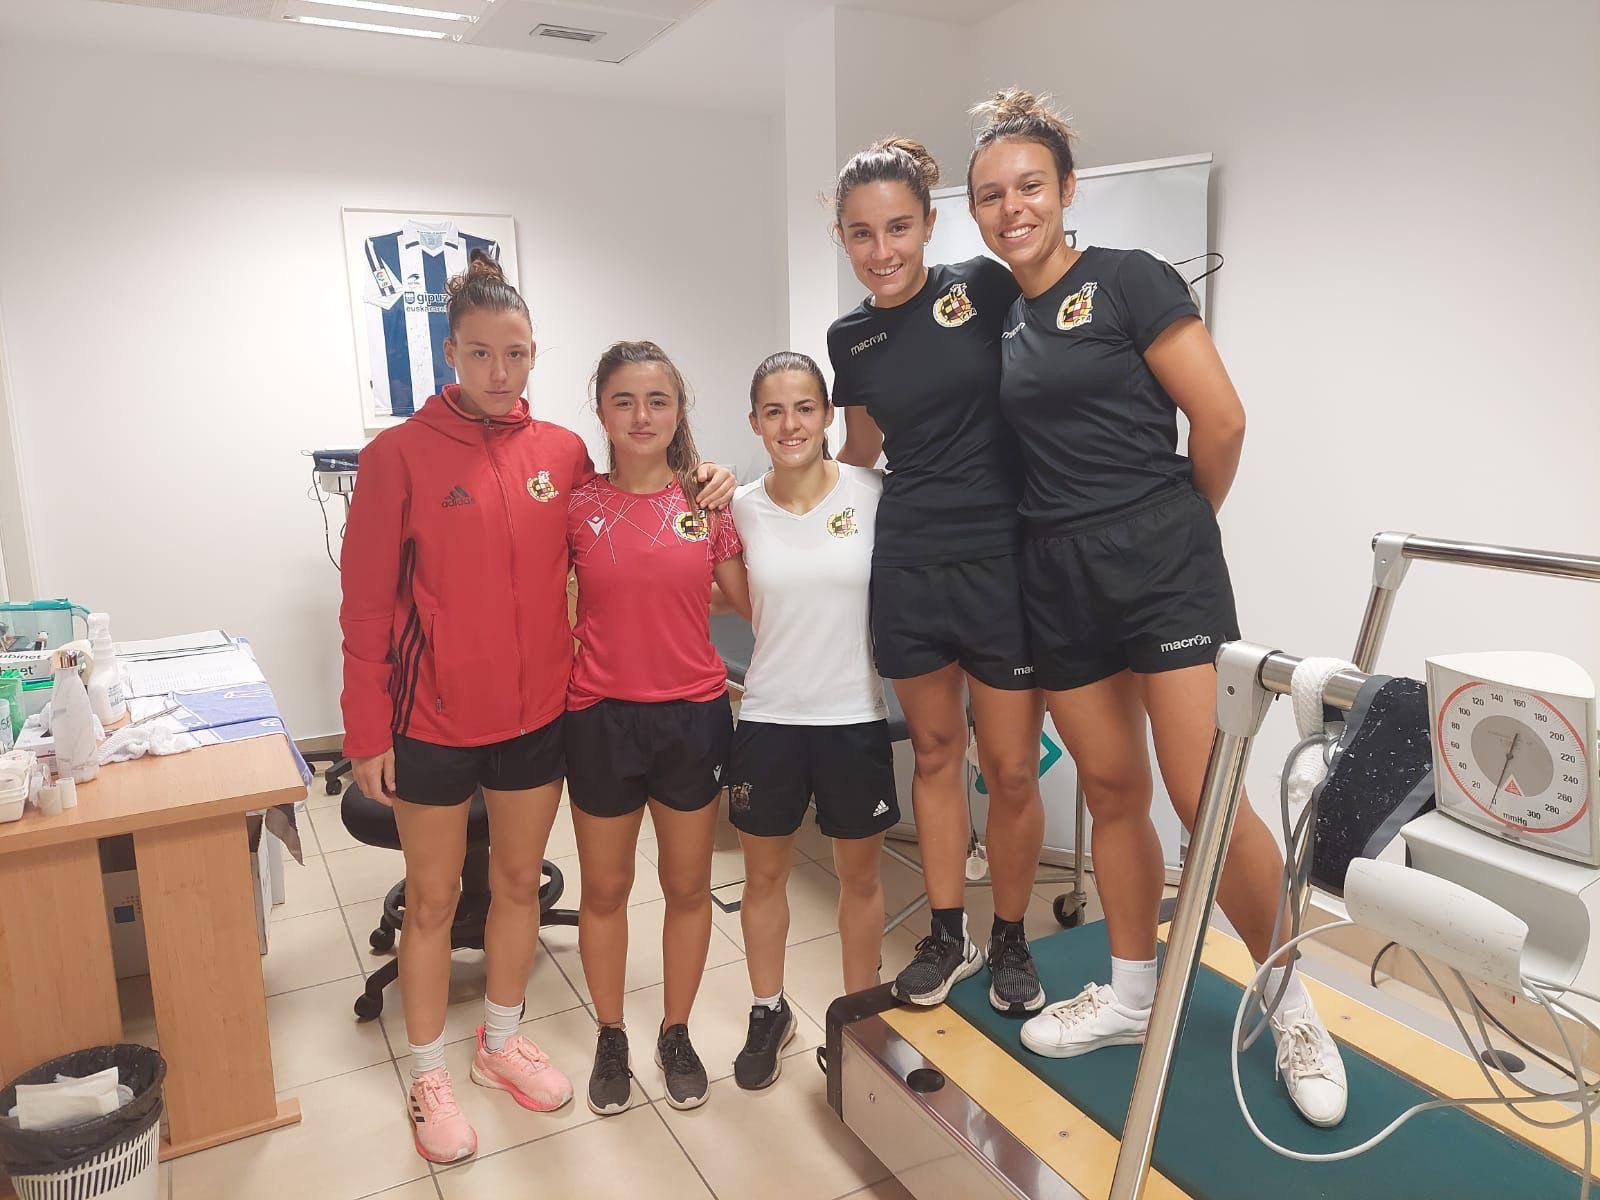 Primer reconocimiento médico a 5 árbitras de primera división de fútbol femenino en Policlínica Gipuzkoa